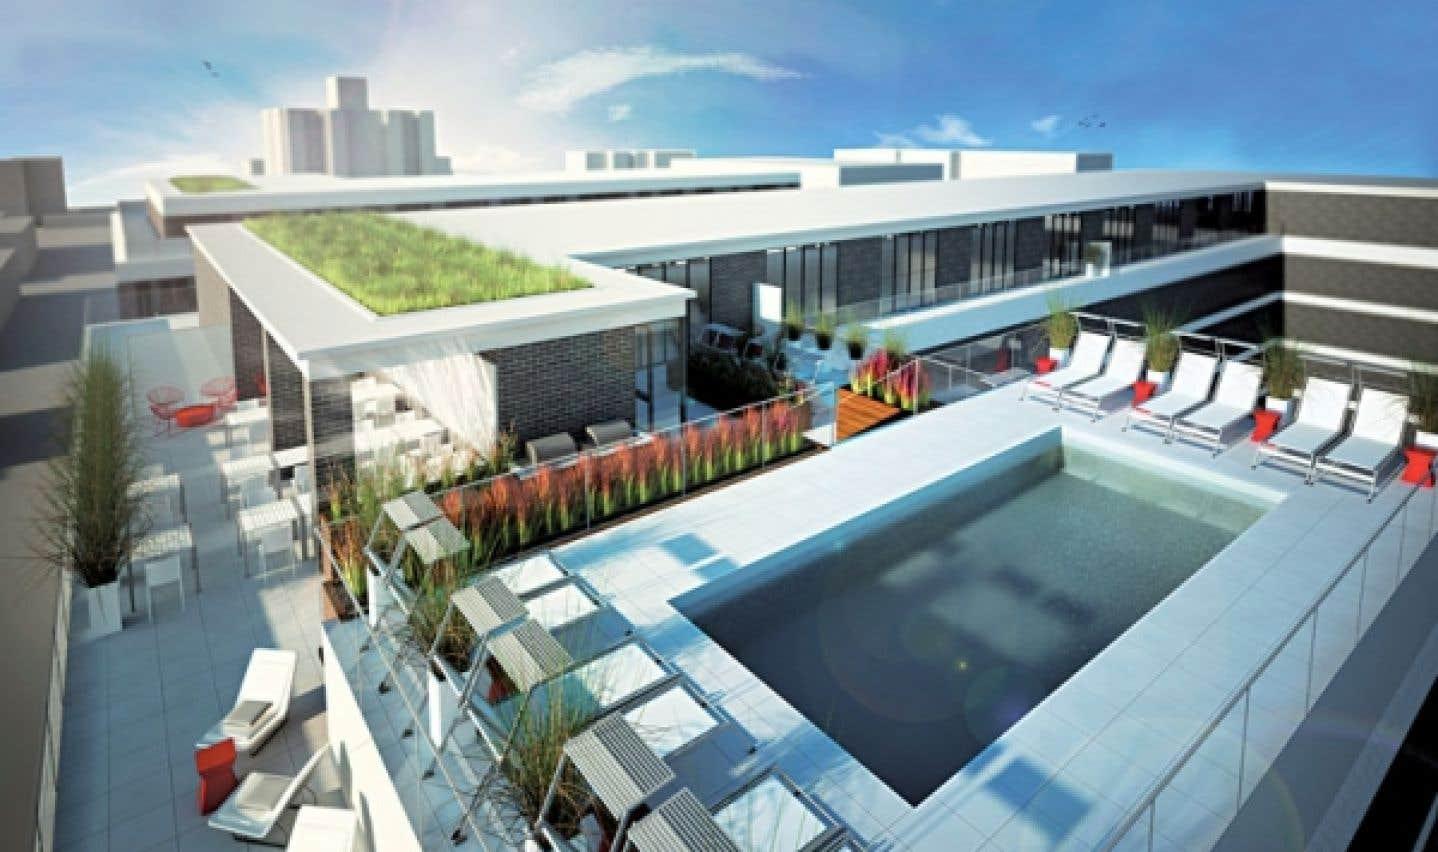 Outre ces clins d'œil lancés au 7e art, l'ensemble du projet facilitera à terme la convivialité entre les occupants, avec l'ajout d'un toit-terrasse et d'une piscine.